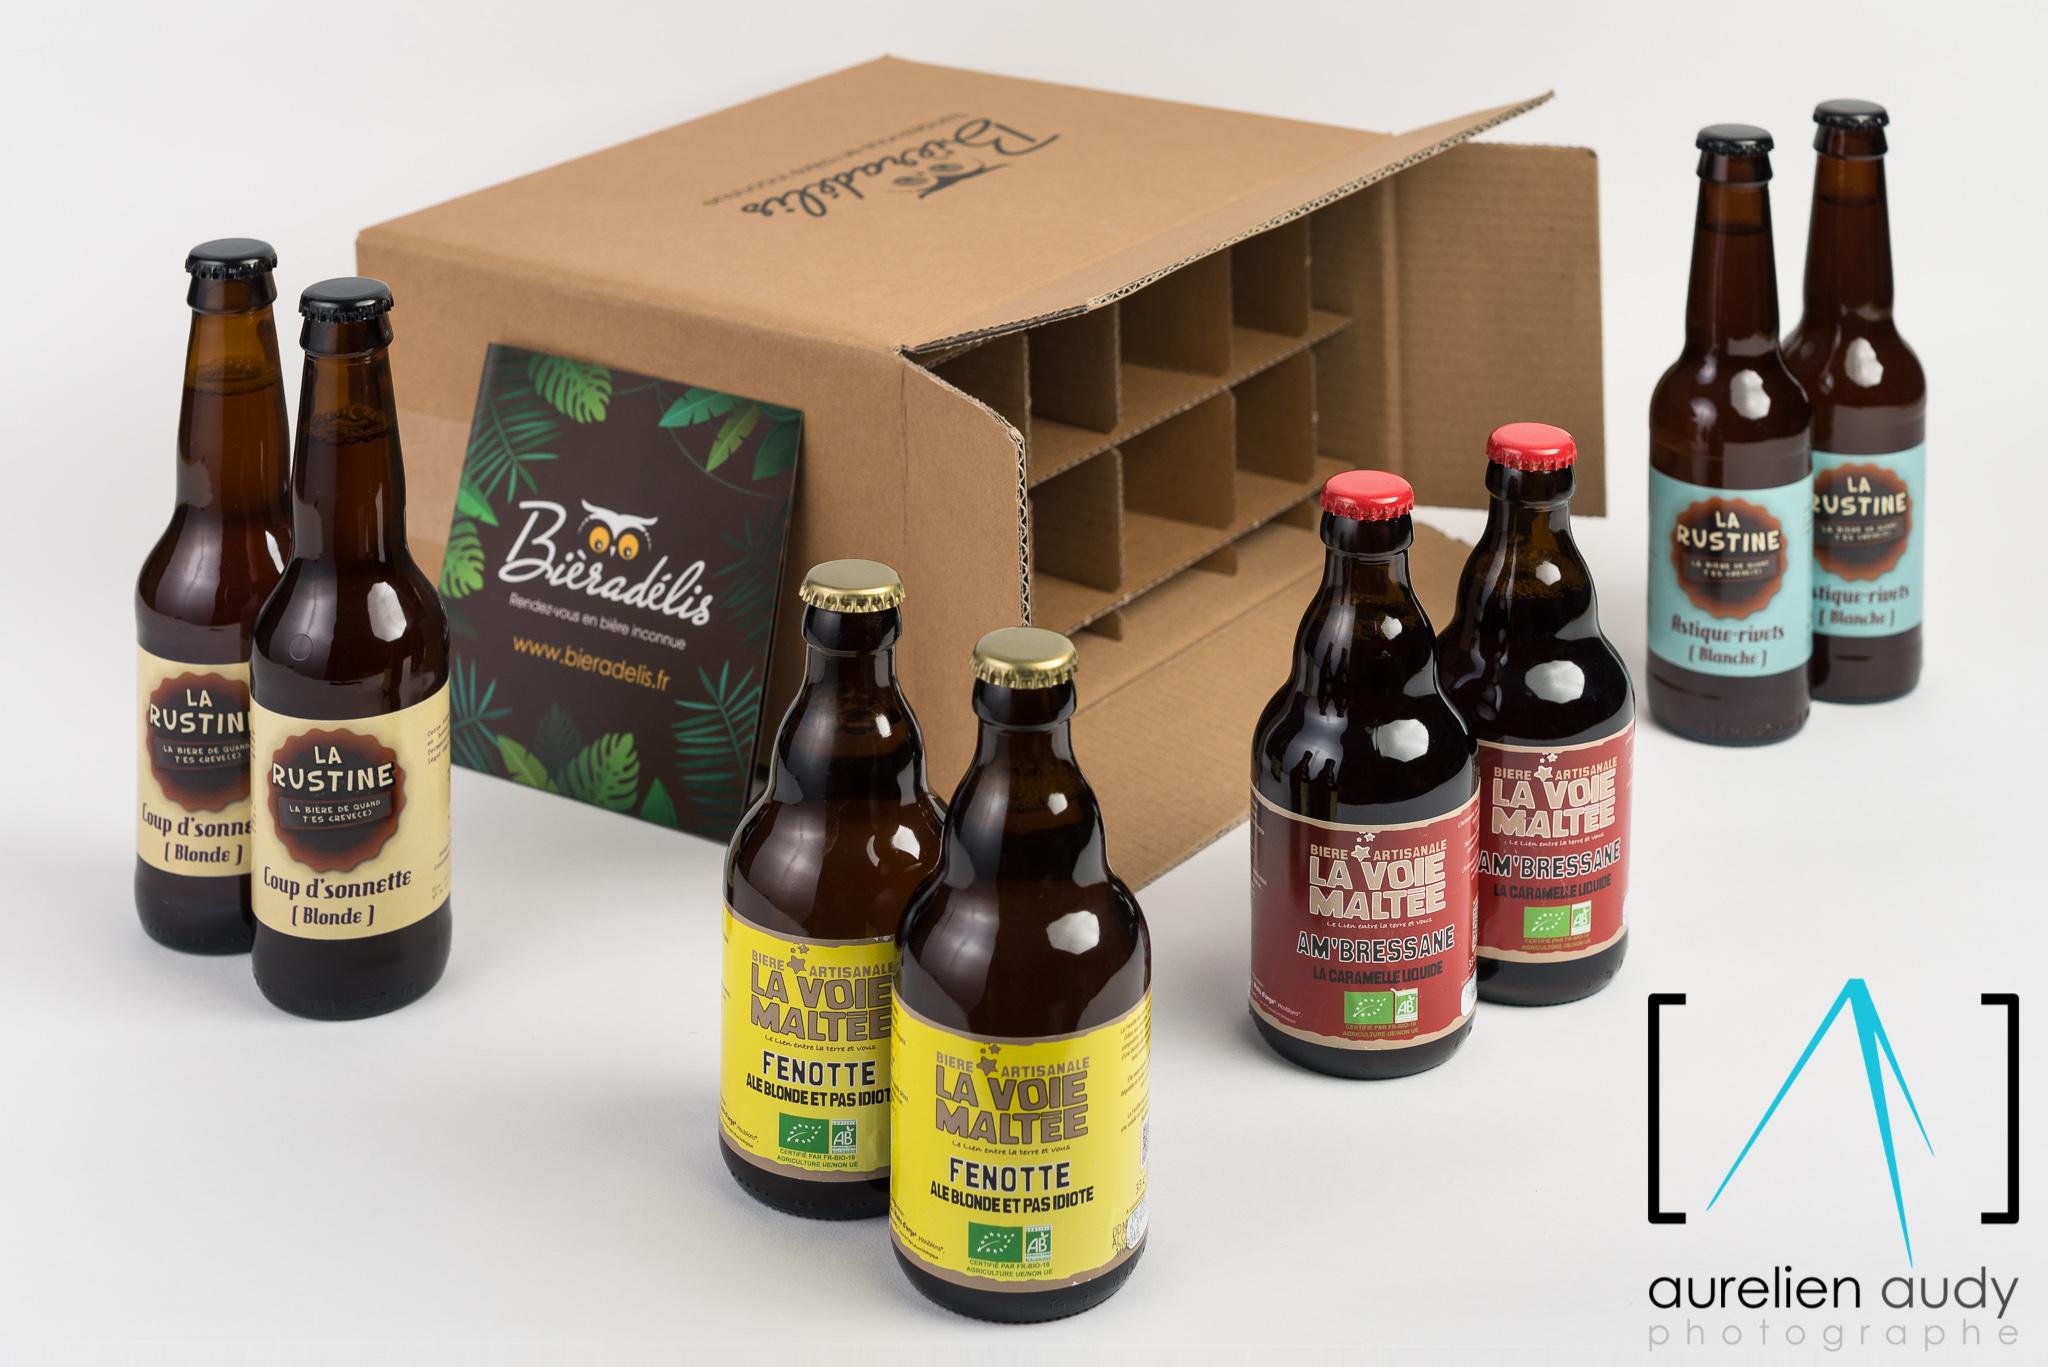 Photographe Professionnel Lyon Villeurbanne - produit packshot illustration Bieradelis entreprise corporate bière